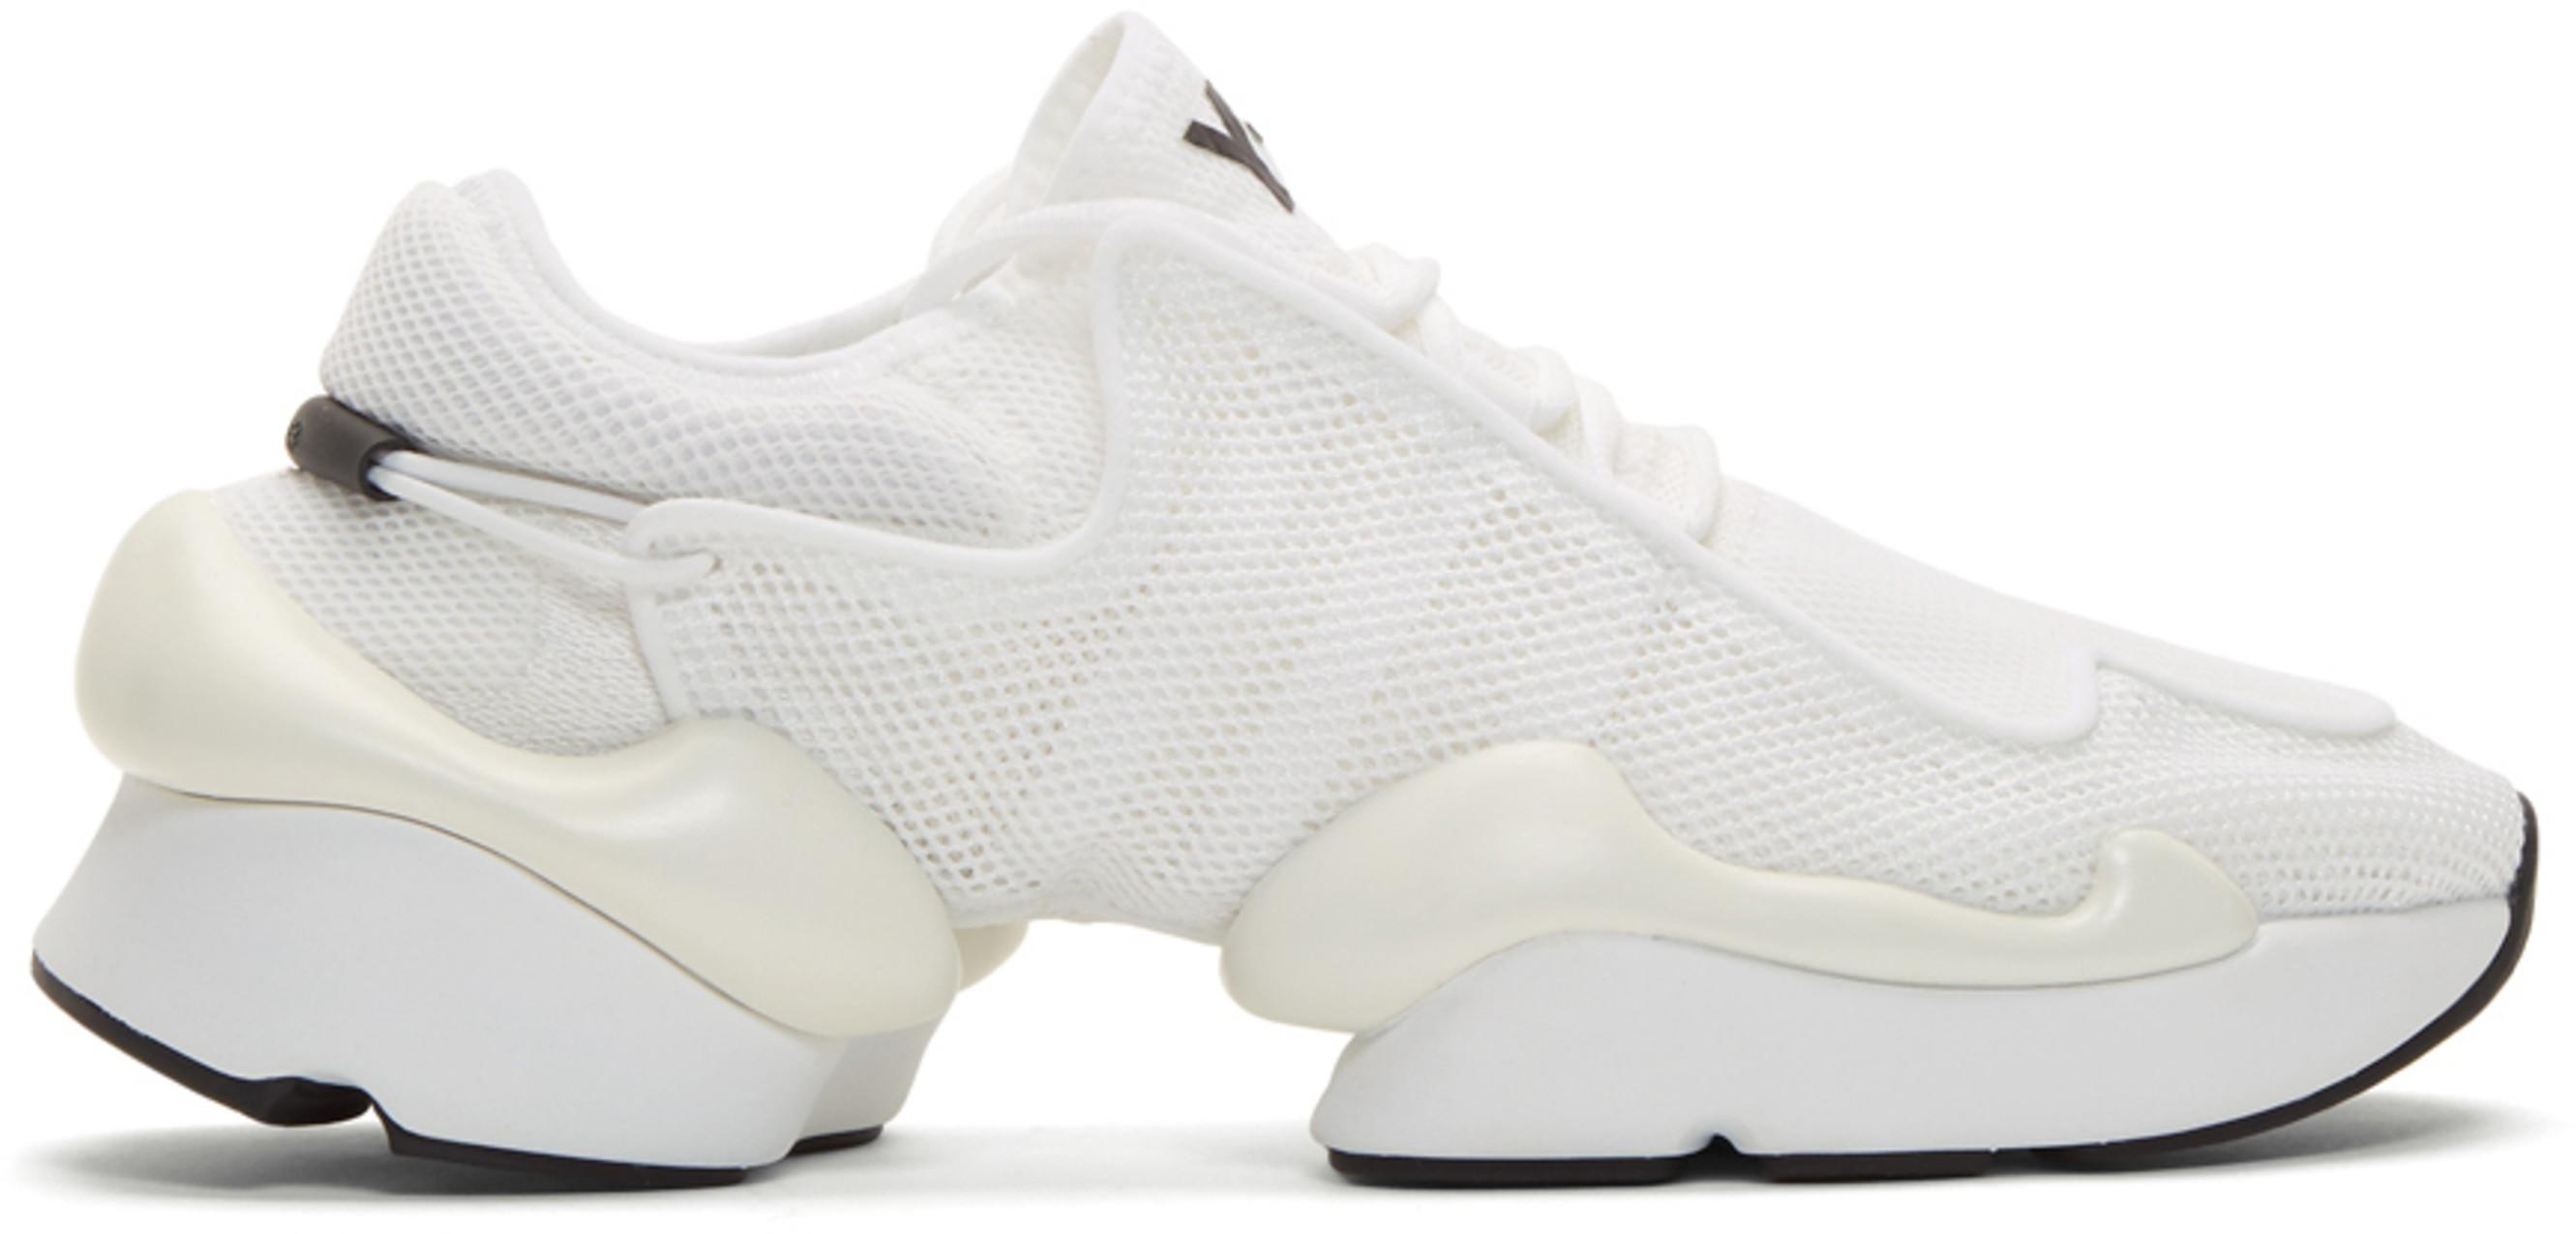 f0fbc2816 Y-3 shoes for Men